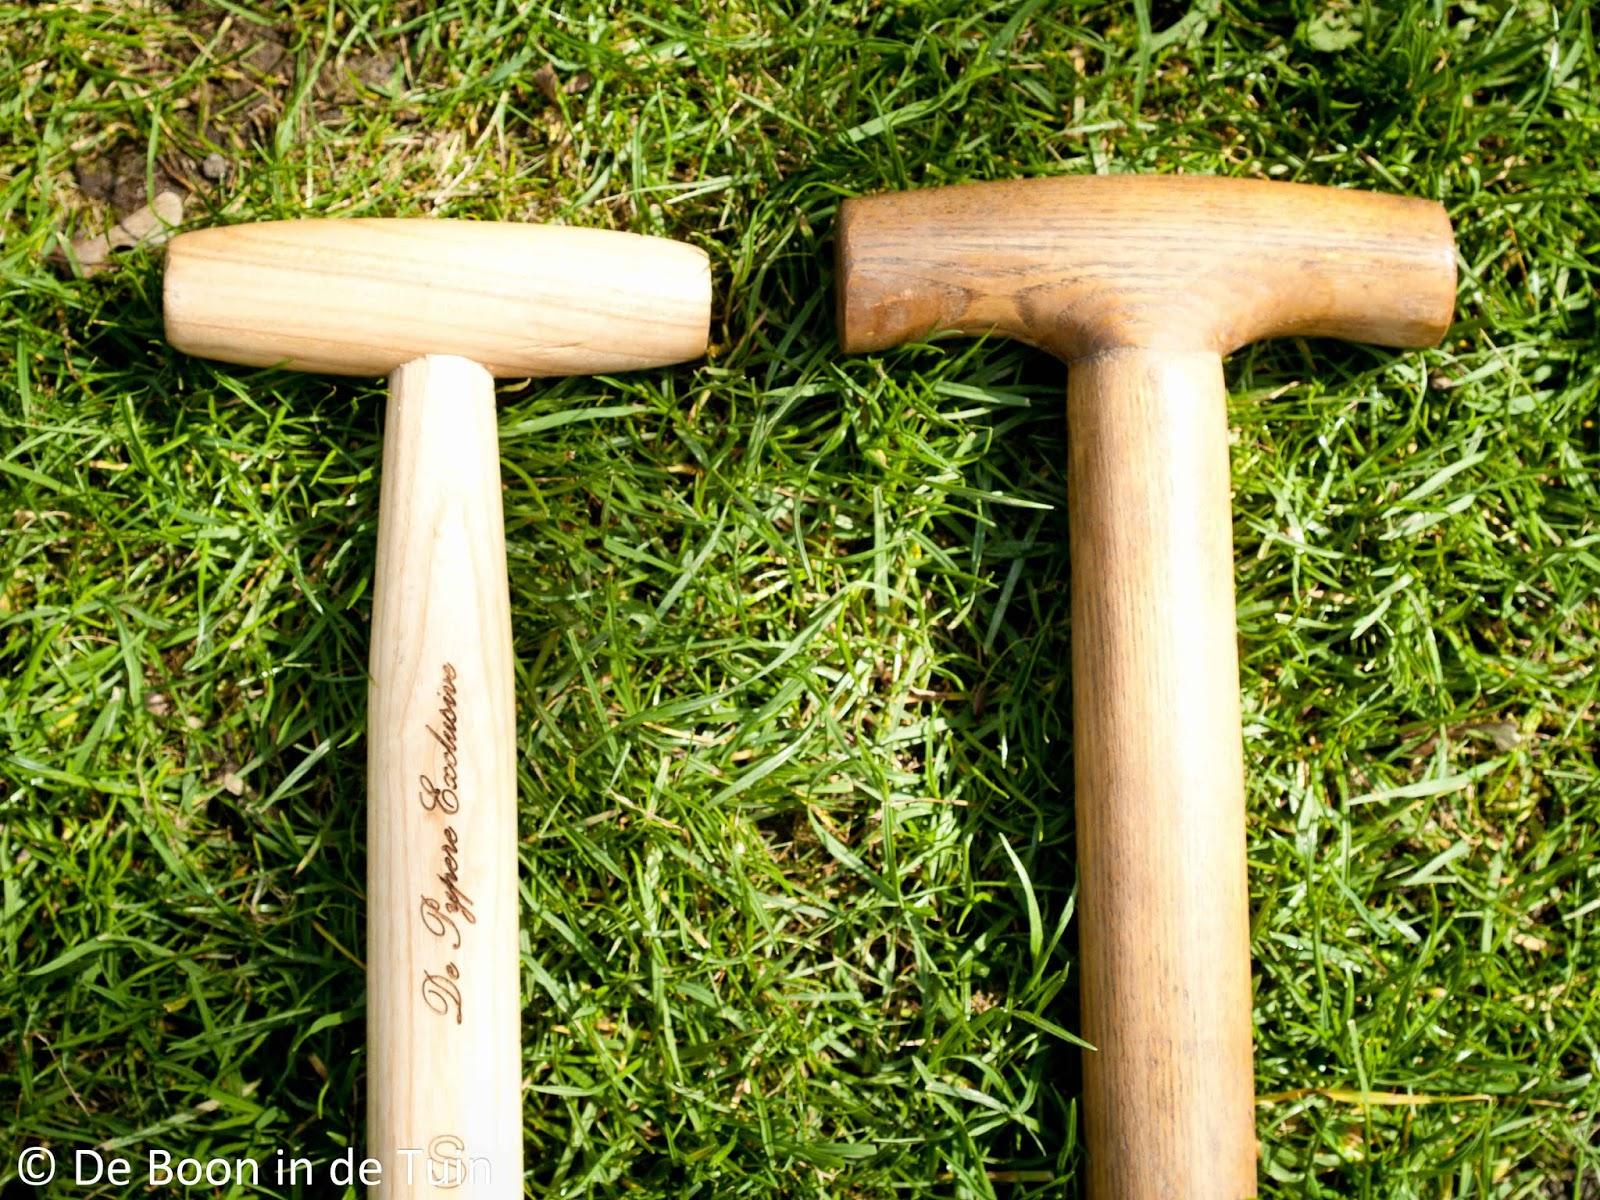 onderhoud houten stelen tuingereedschap lijnzaadolie